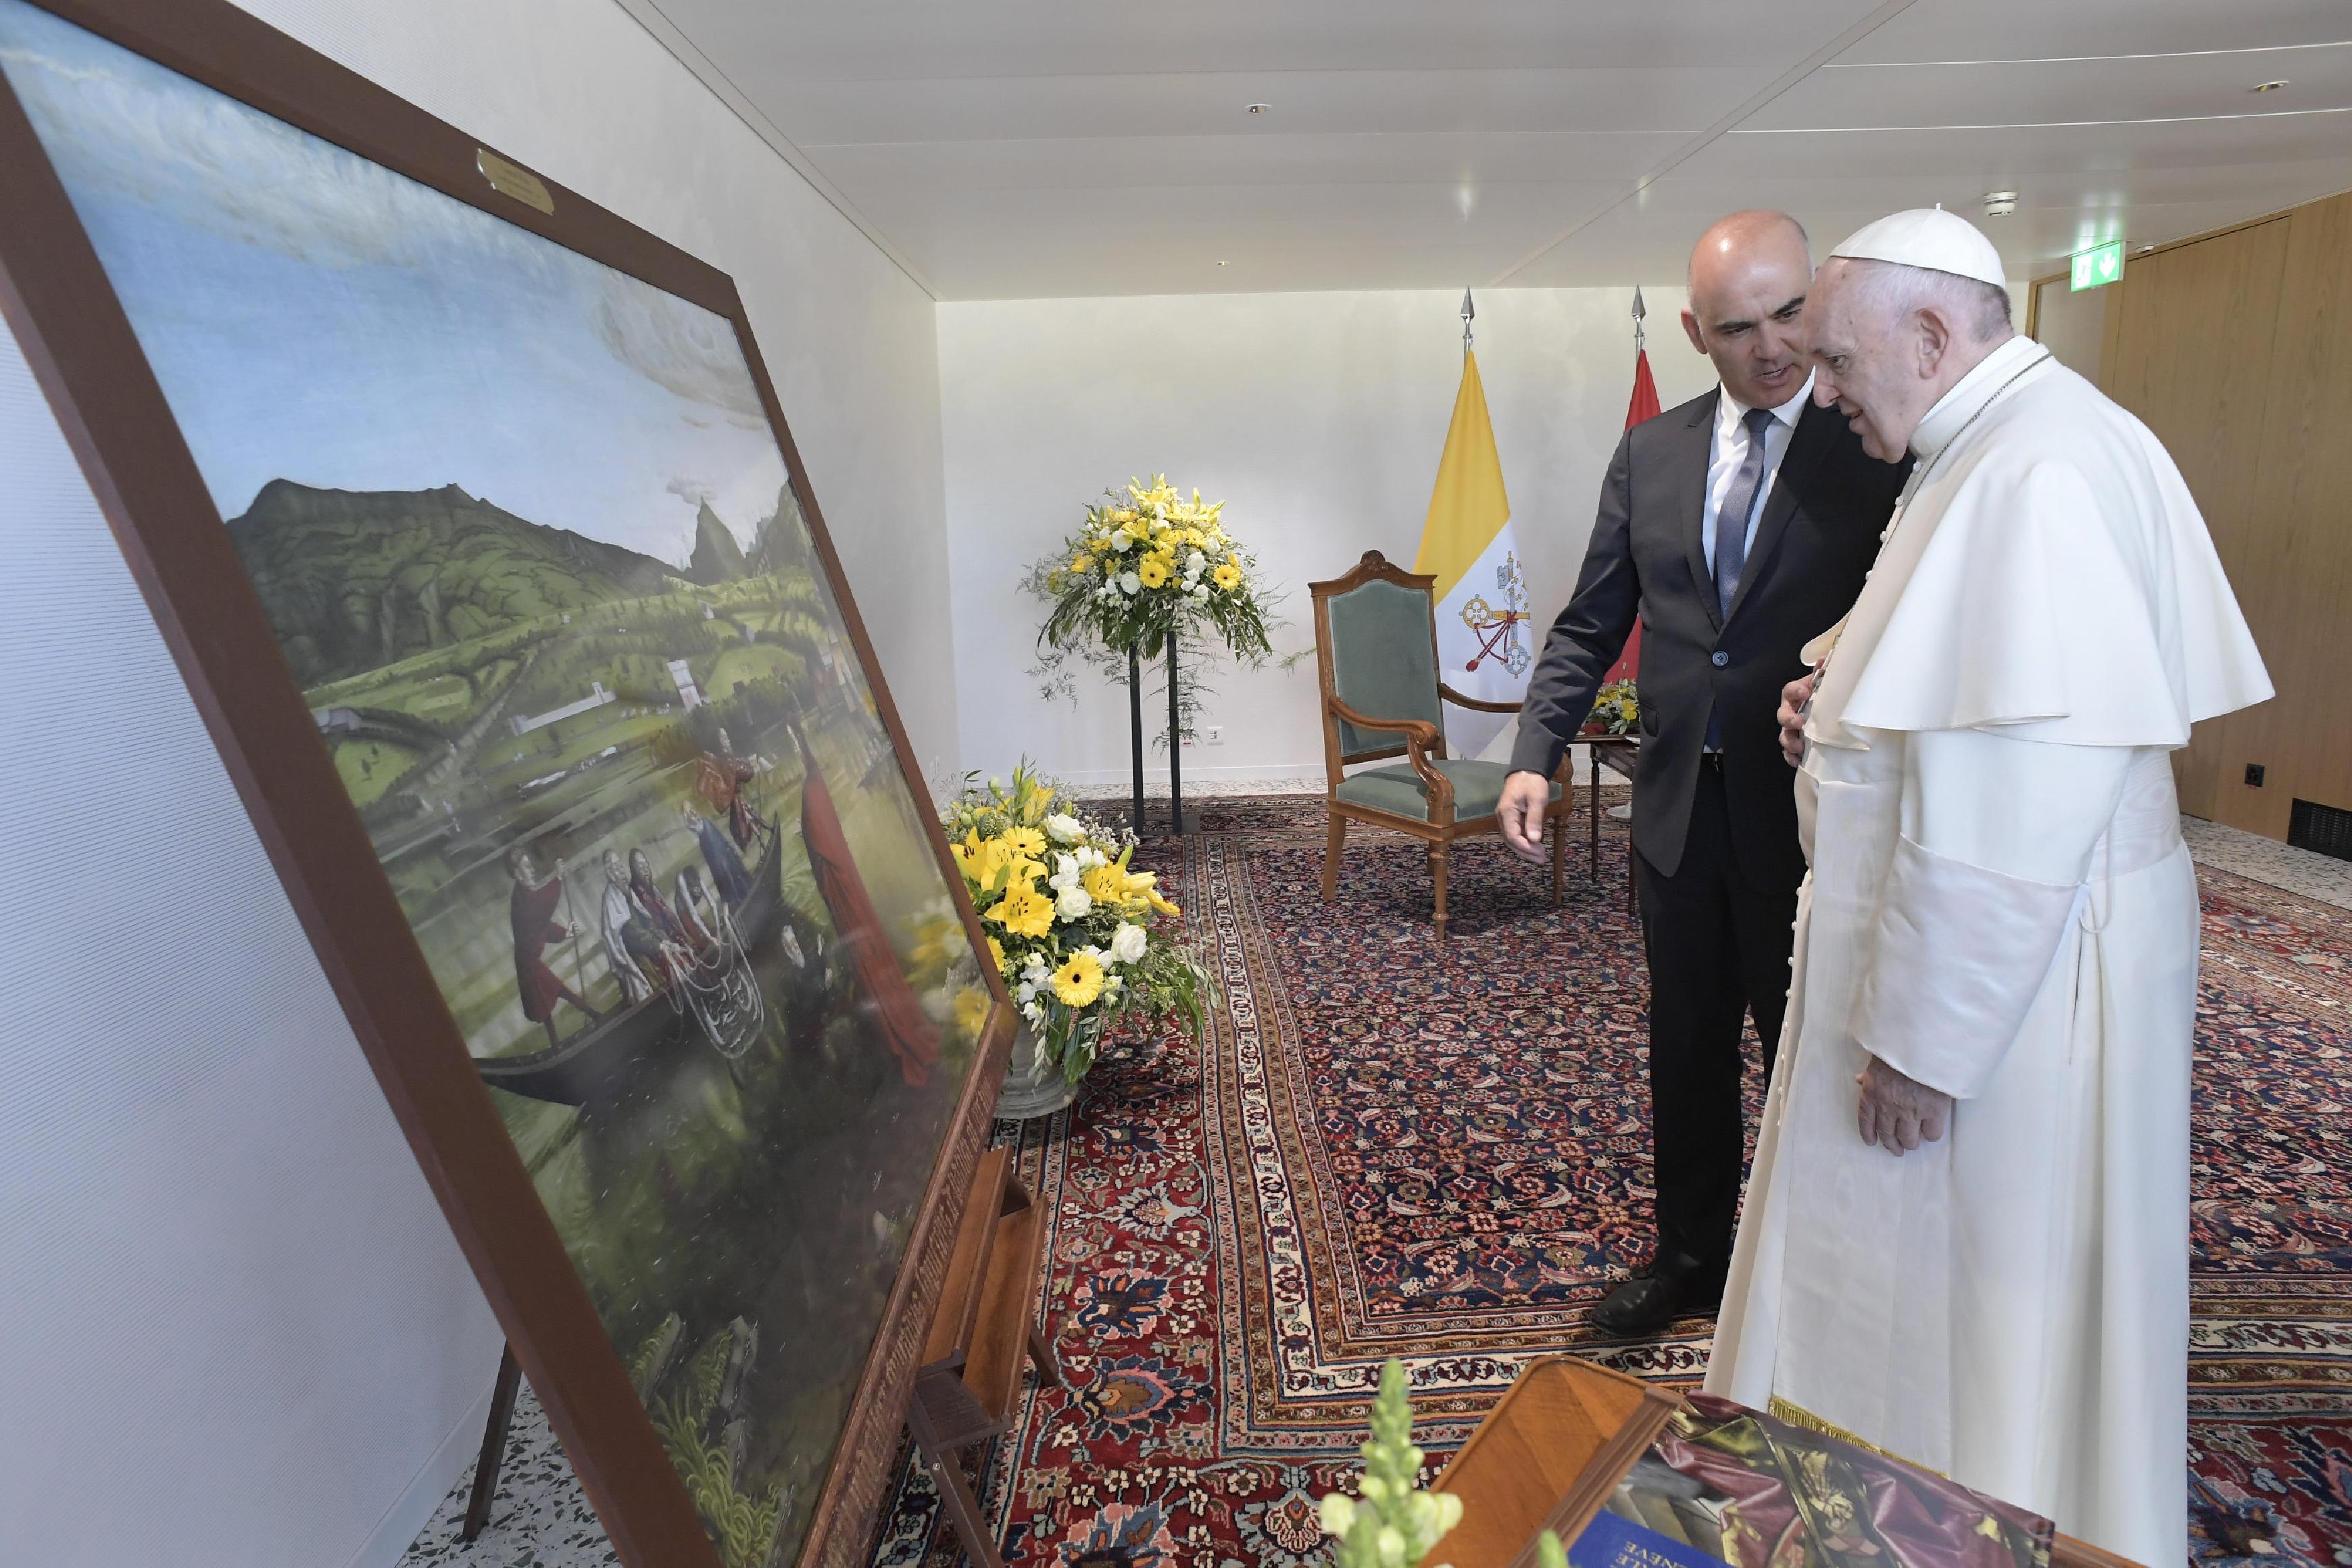 Rencontre avec le président Berset à Genève 21/6/2018 © Vatican Media